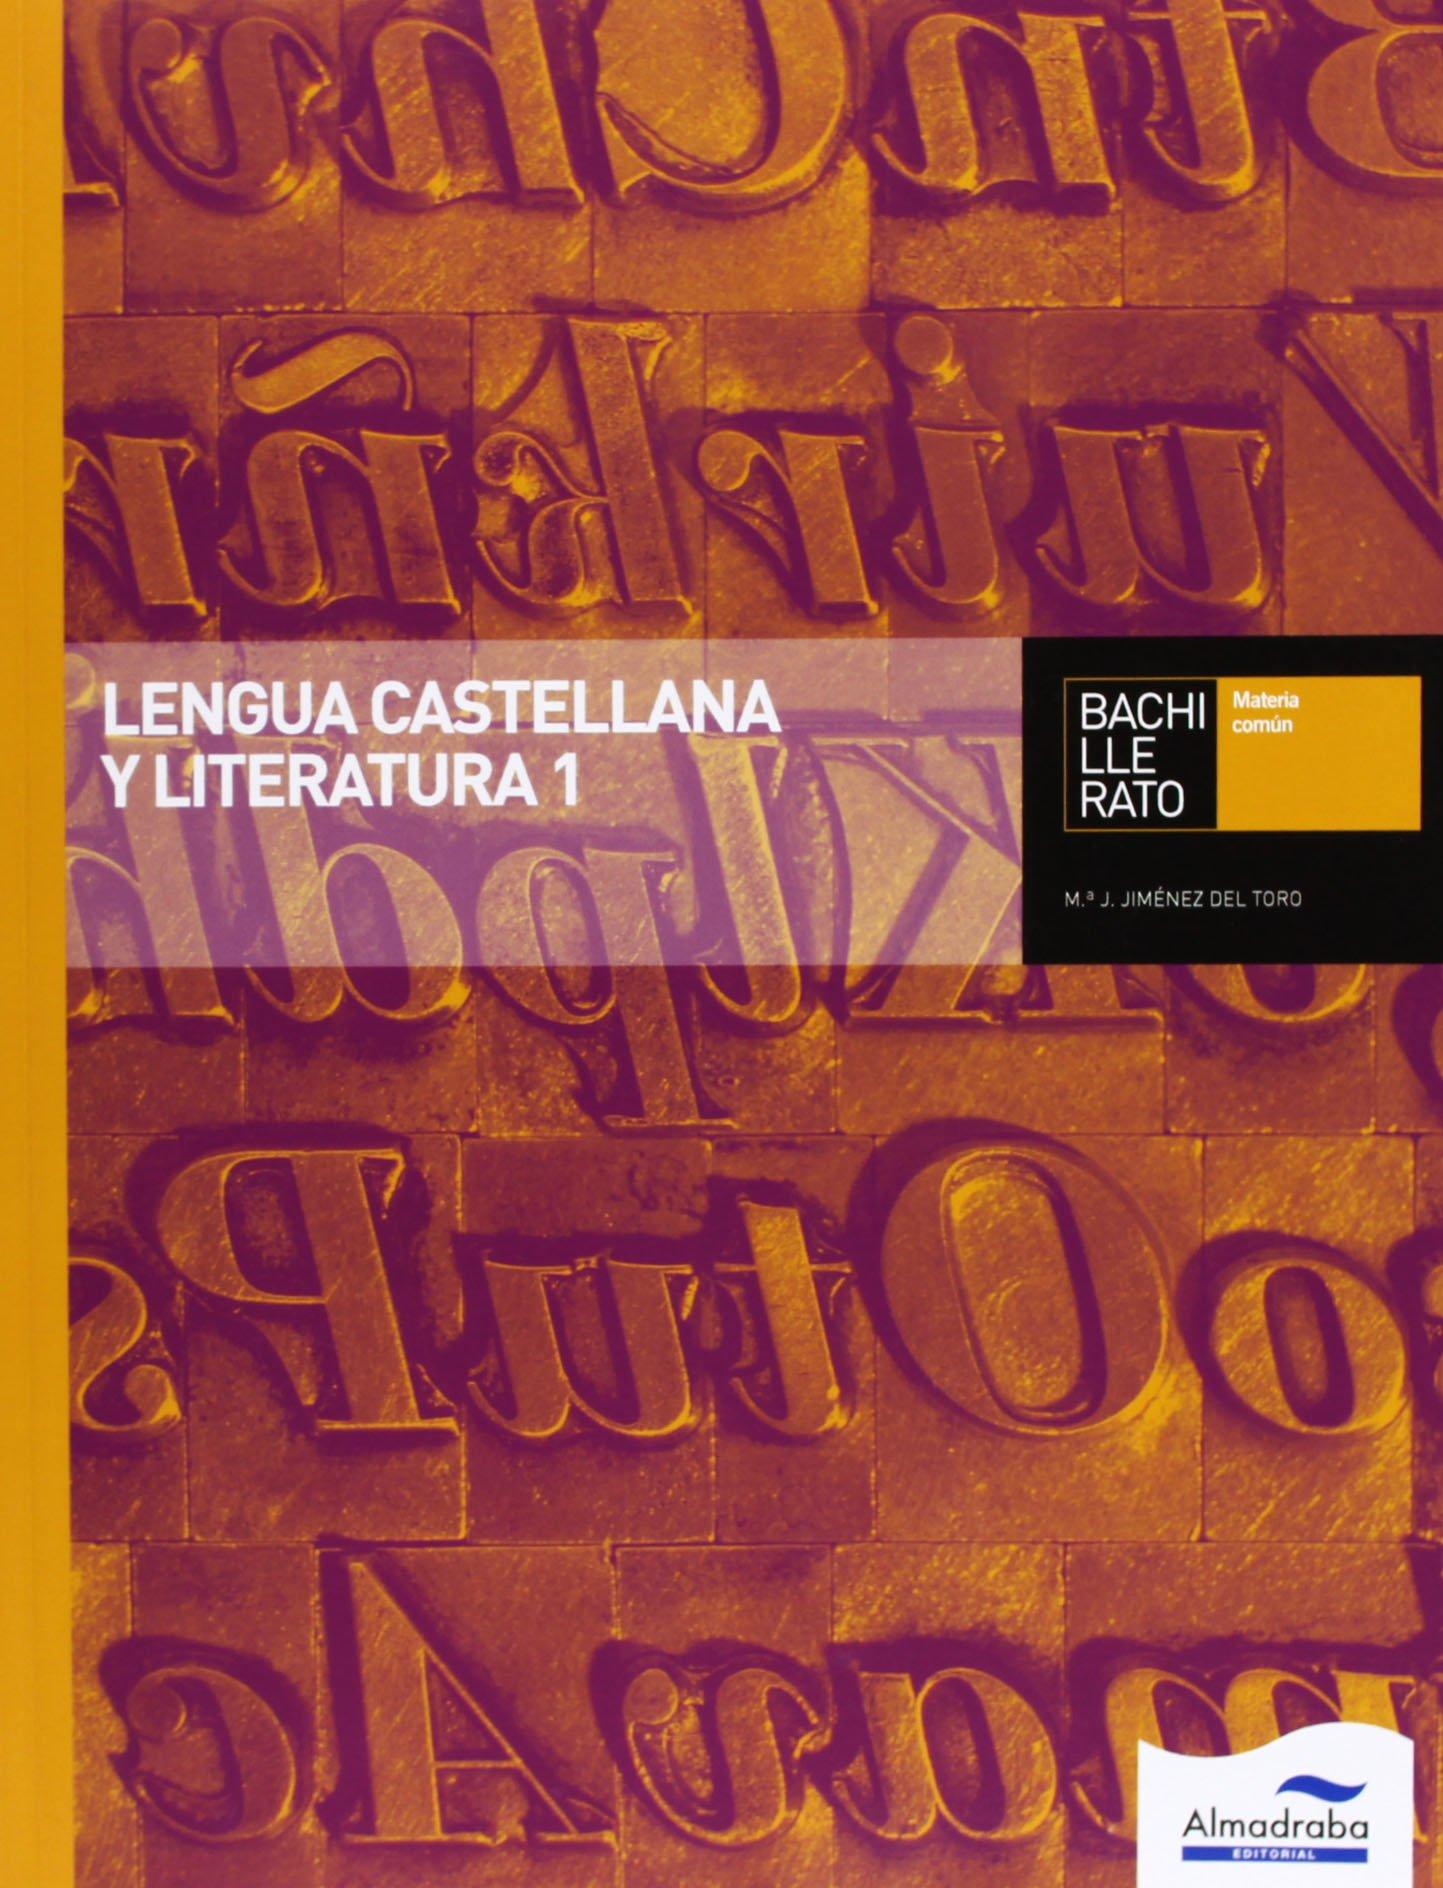 Lengua Castellana Y Literatura 1. Bachillerato Libros de texto - 9788483089200: Amazon.es: Jiménez del Toro, Mª Jesús: Libros